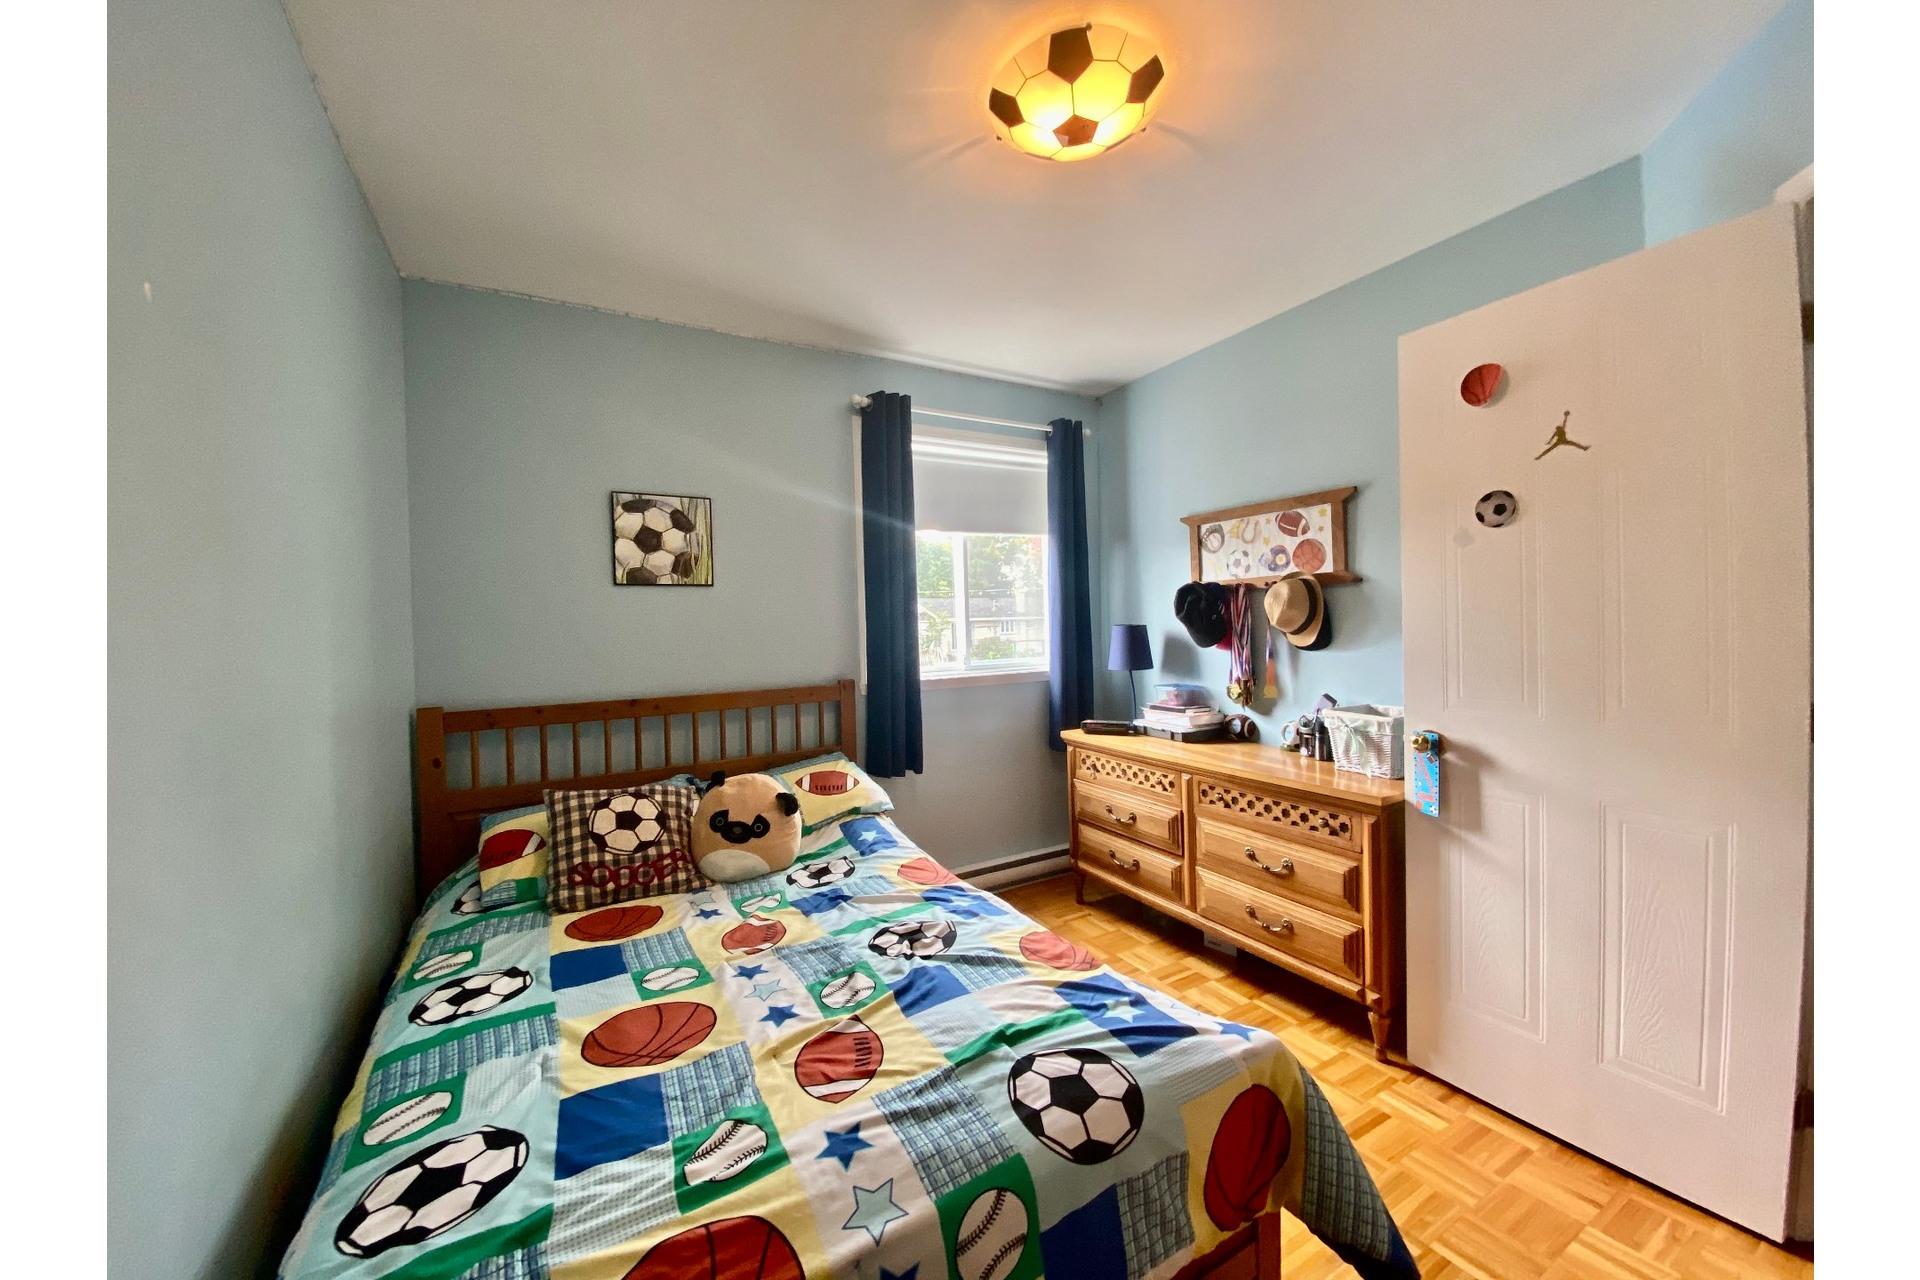 image 6 - MX - Casa sola - MX En venta Châteauguay - 12 habitaciones